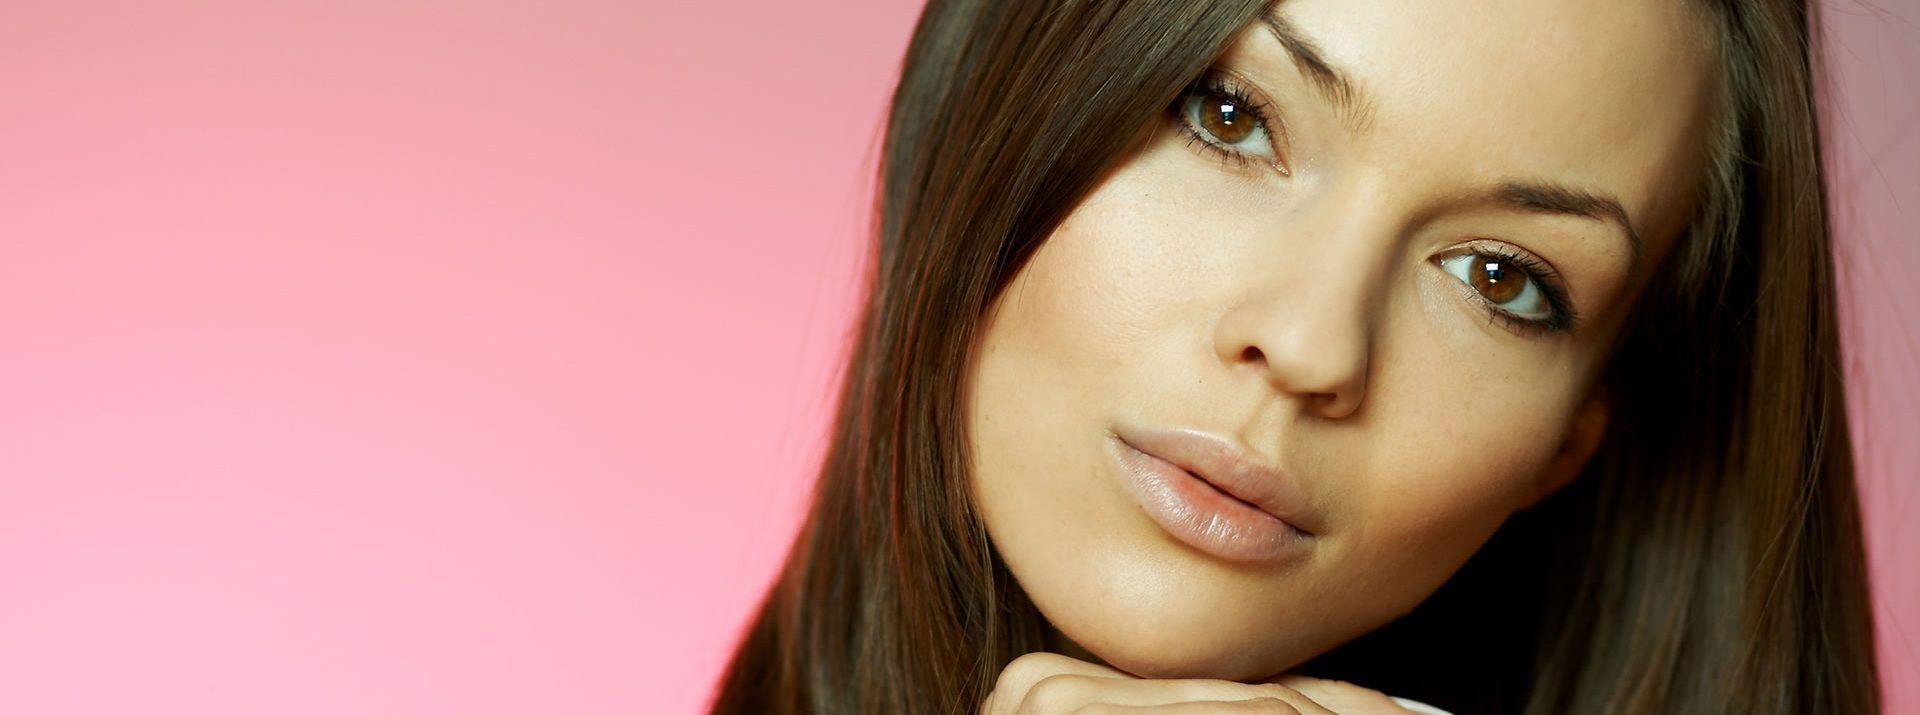 Remodelare si corectie a formei nasului